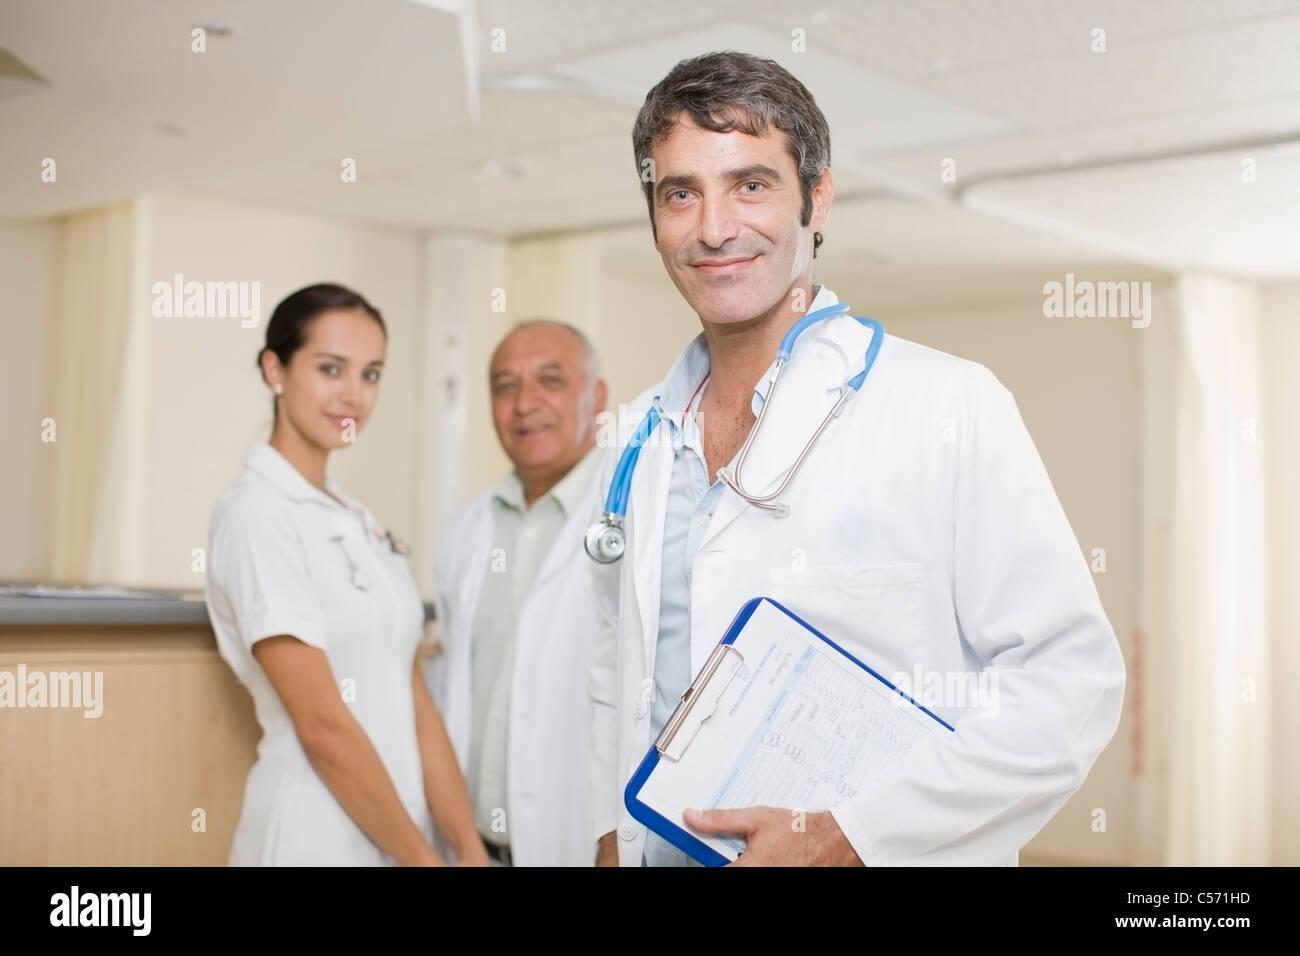 Les médecins et nurse standing in hospital Photo Stock